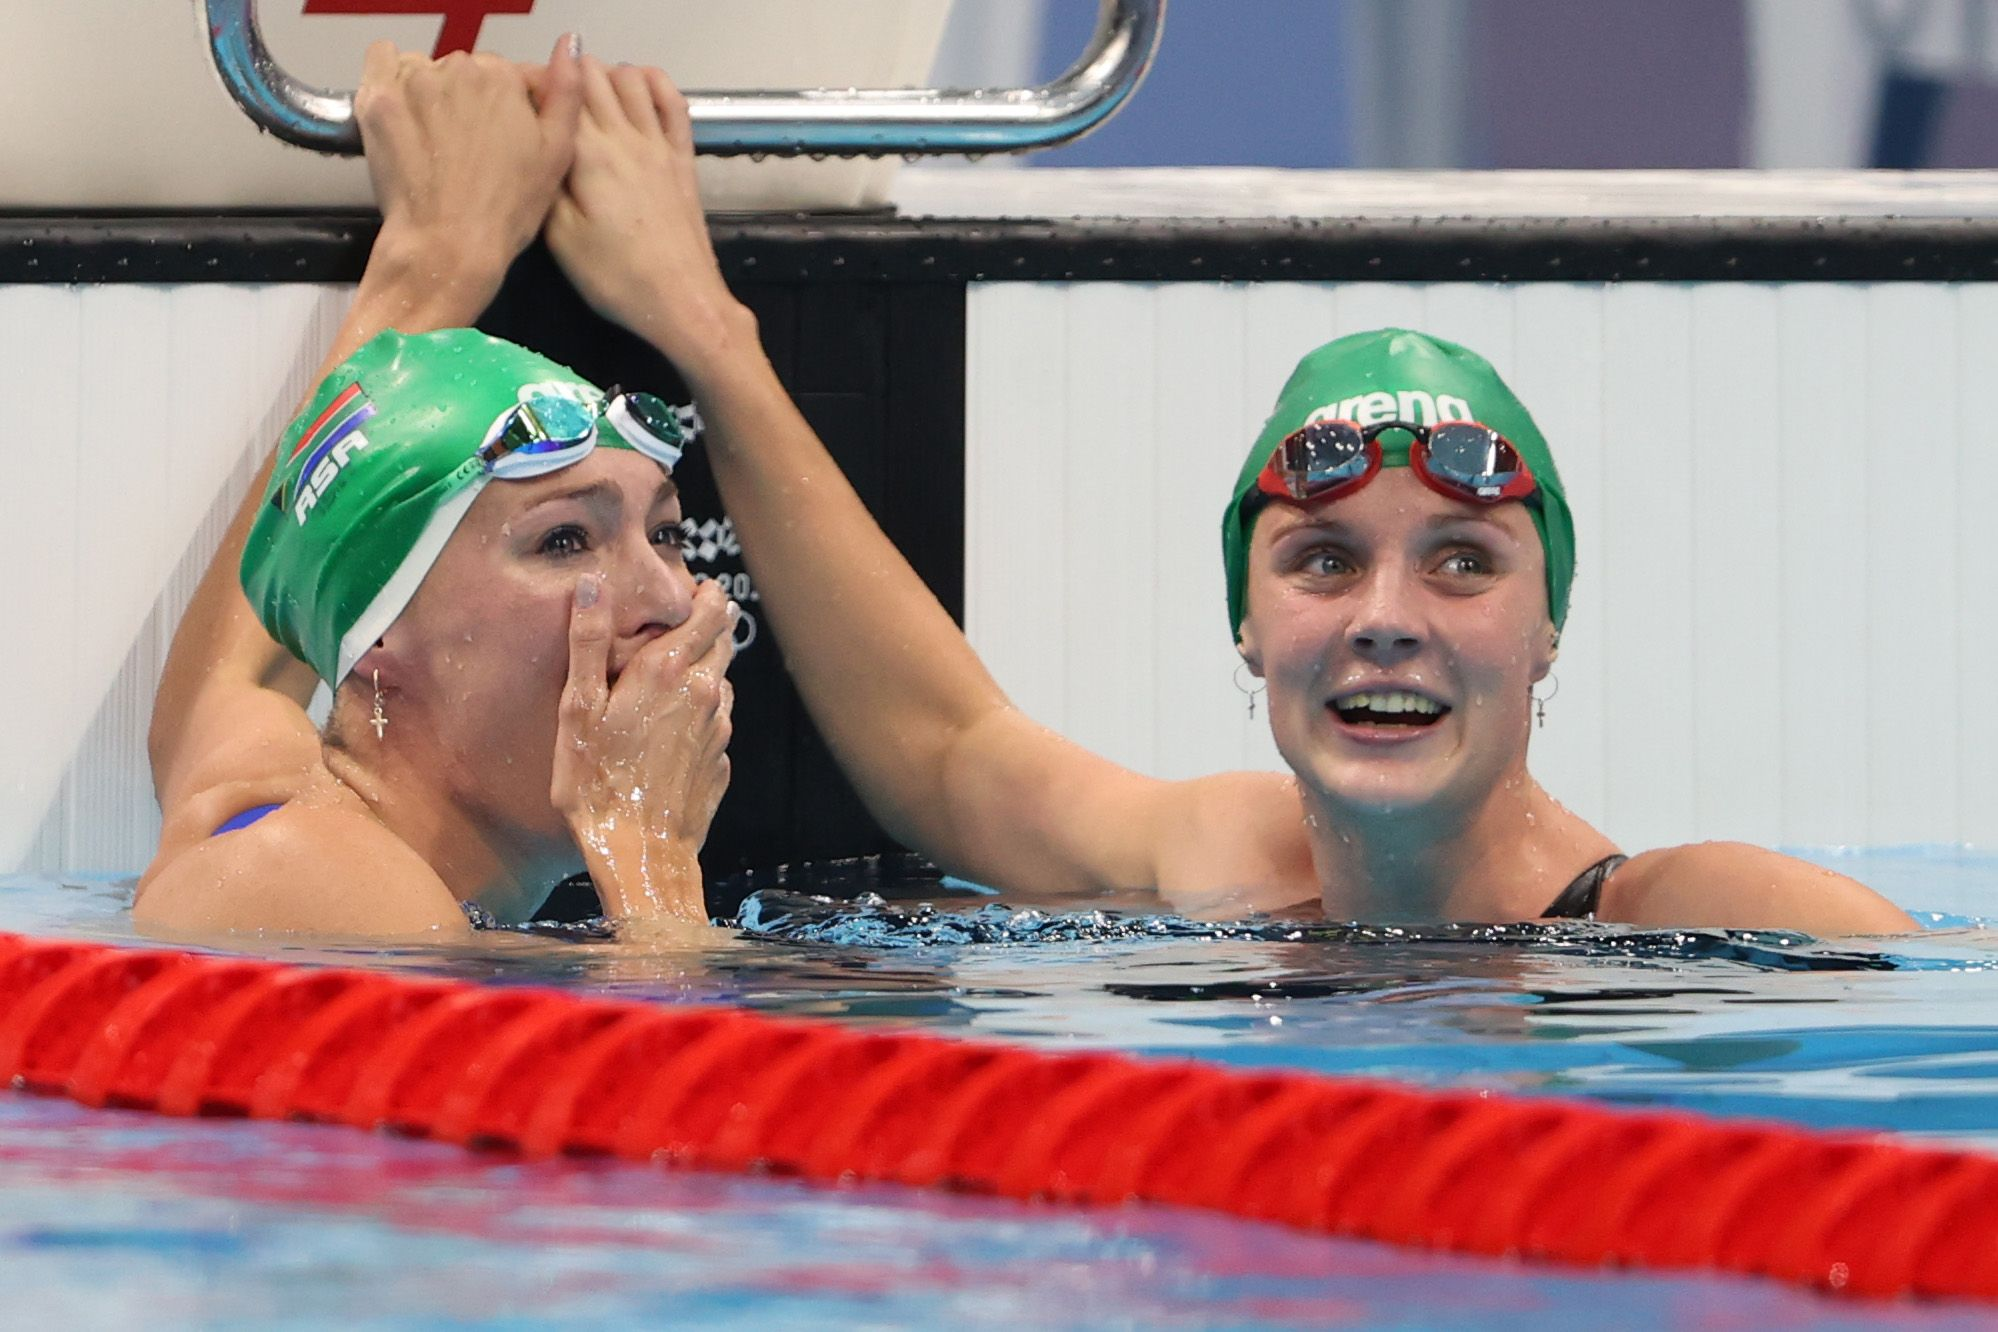 Emocionante gesto de la sudafricana Tatjana tras hacerse con el oro olímpico y el récord mundial